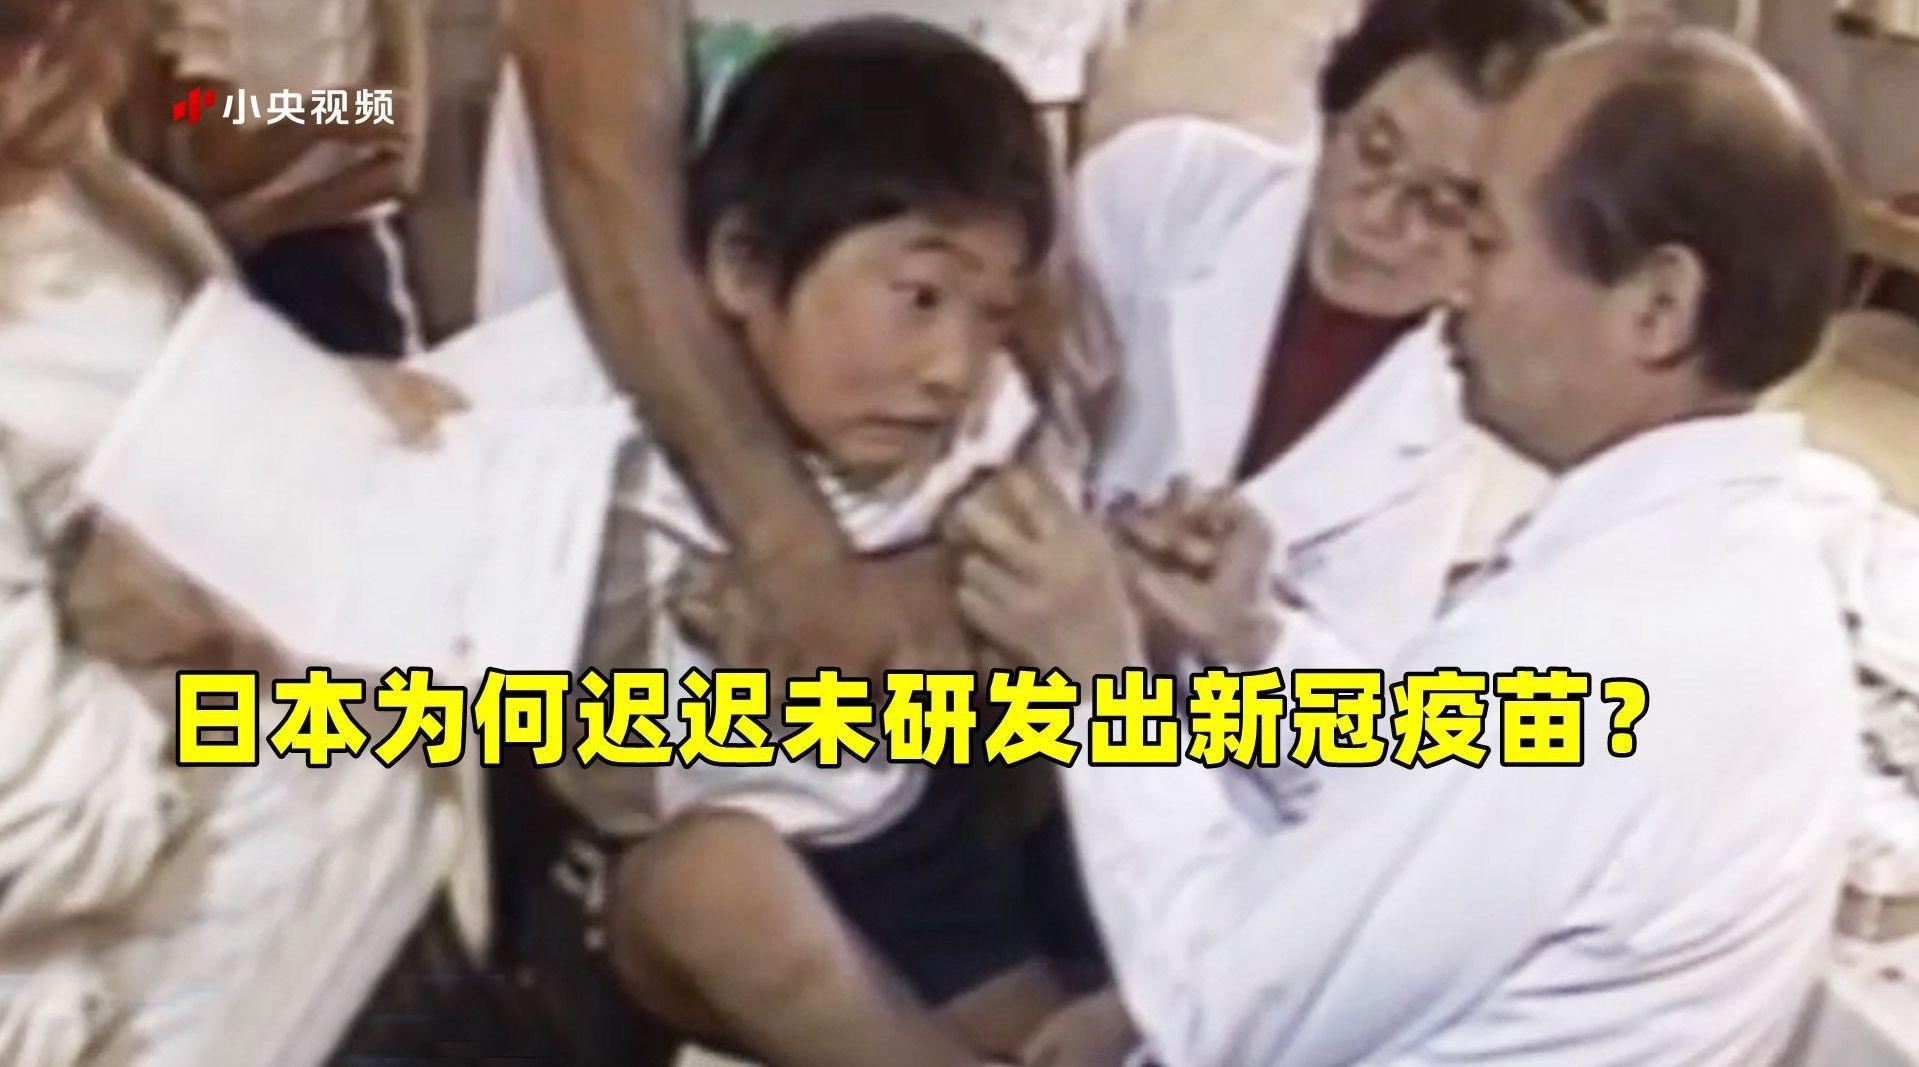 日本为何迟迟未研发出新冠疫苗?